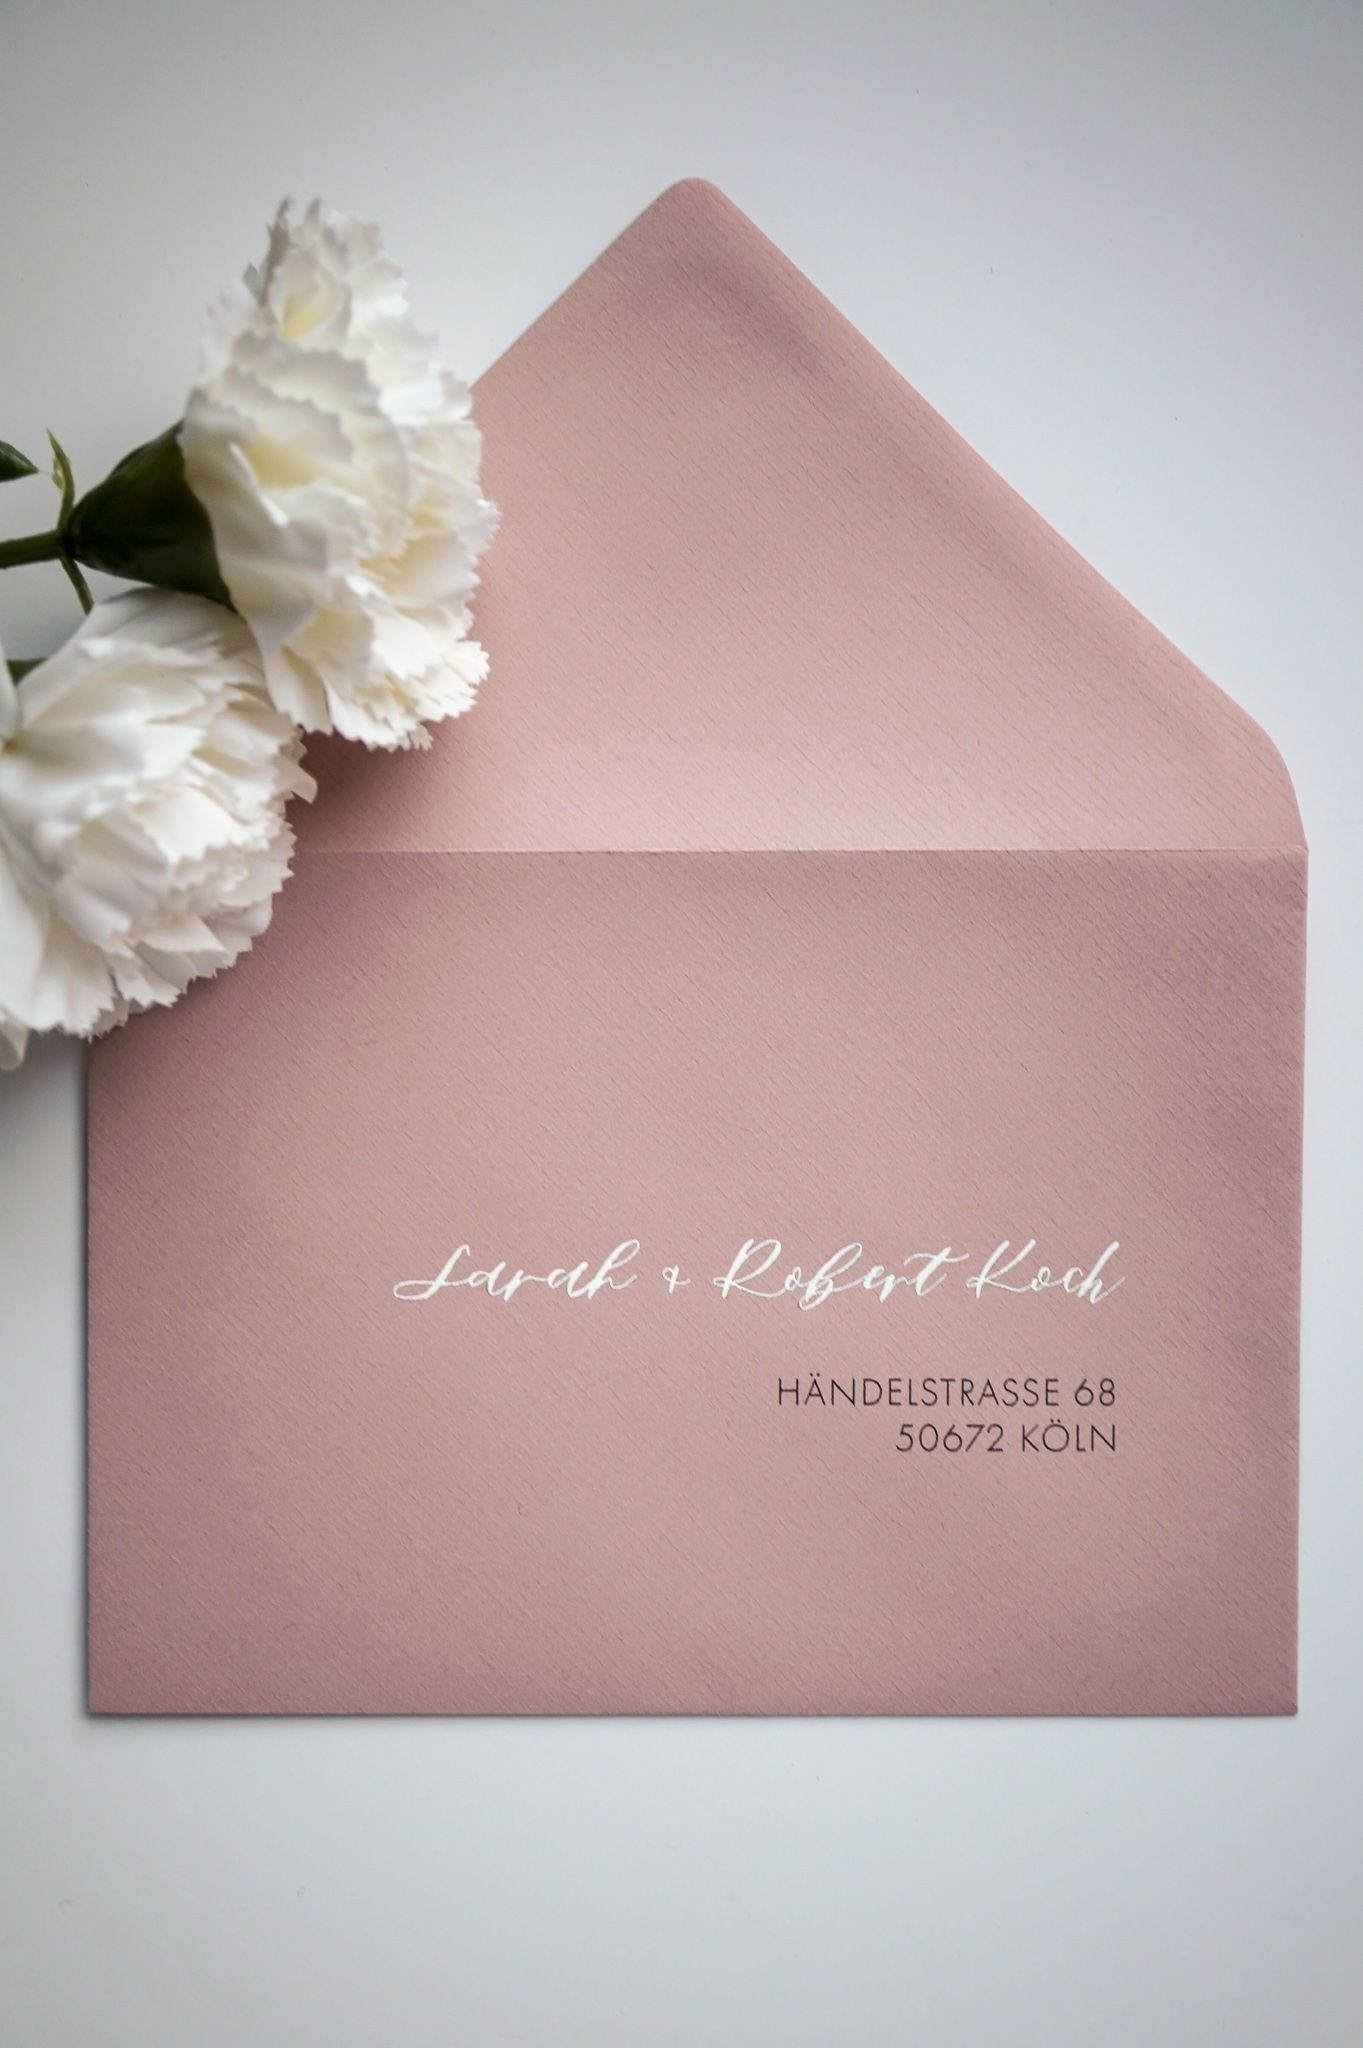 Hochzeitseinladung Umschlag Weisse Beschriftung Rosa Hochzeit Rosa Hochzeitseinladungen Hochzeitseinladung